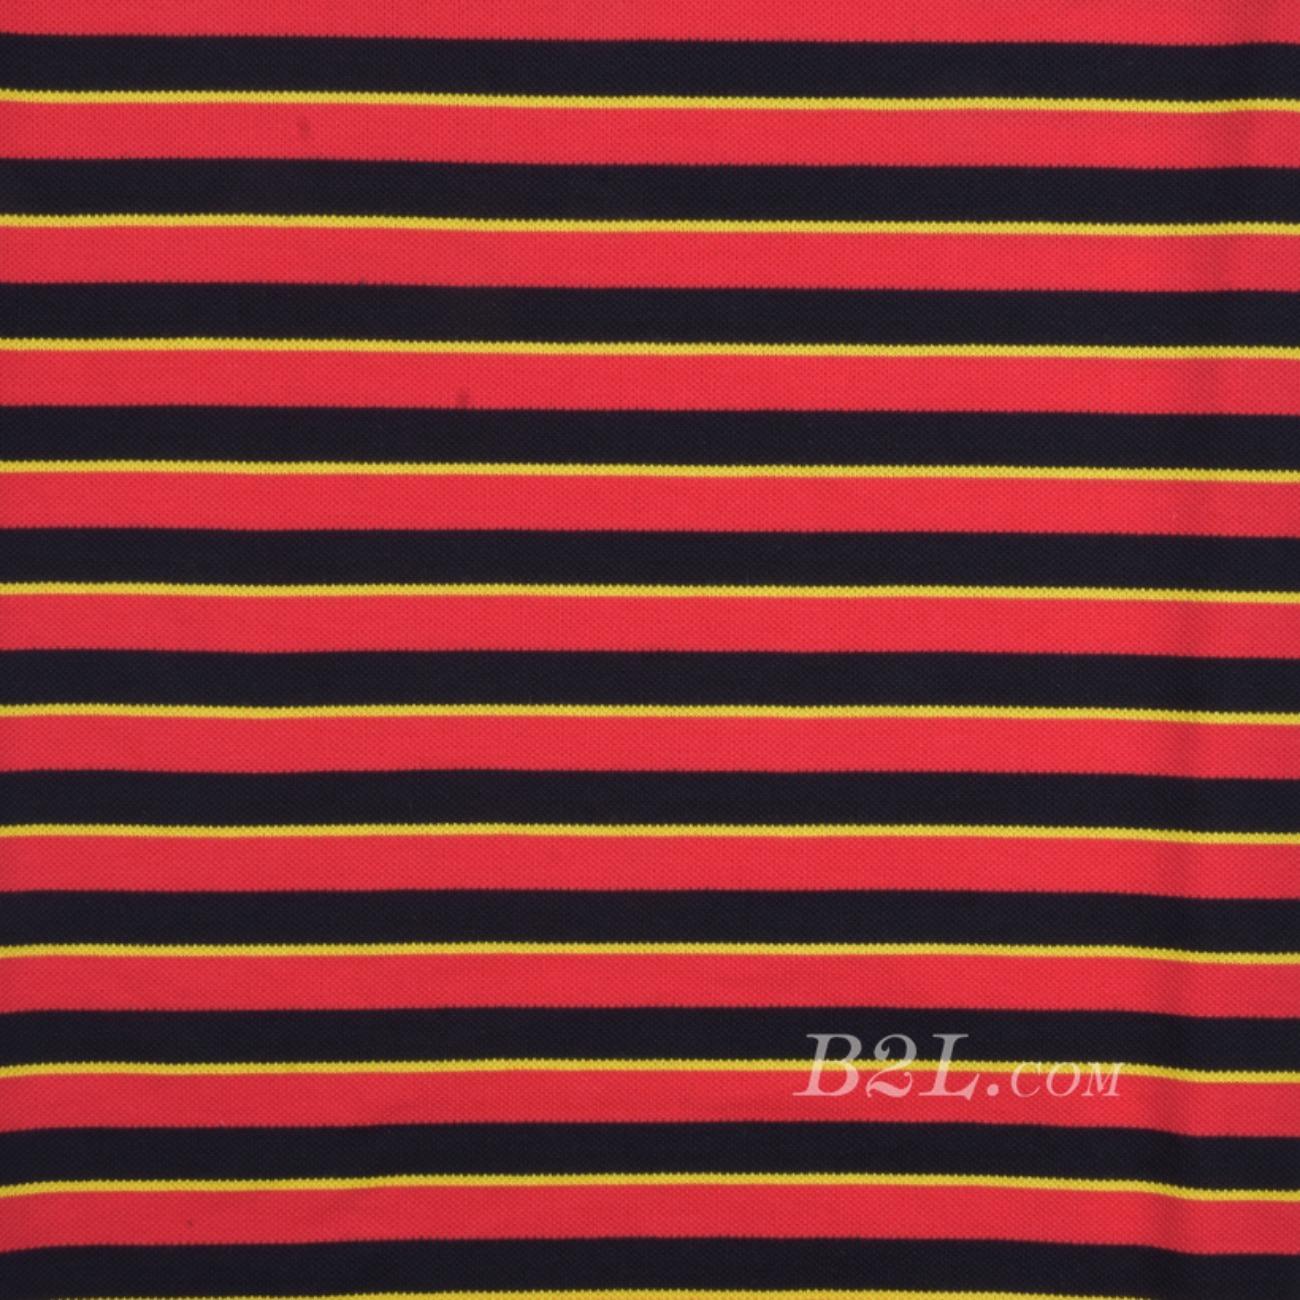 条纹 针织 横条 高弹 棉感 春秋 T恤 针织衫 连衣裙 80905-42